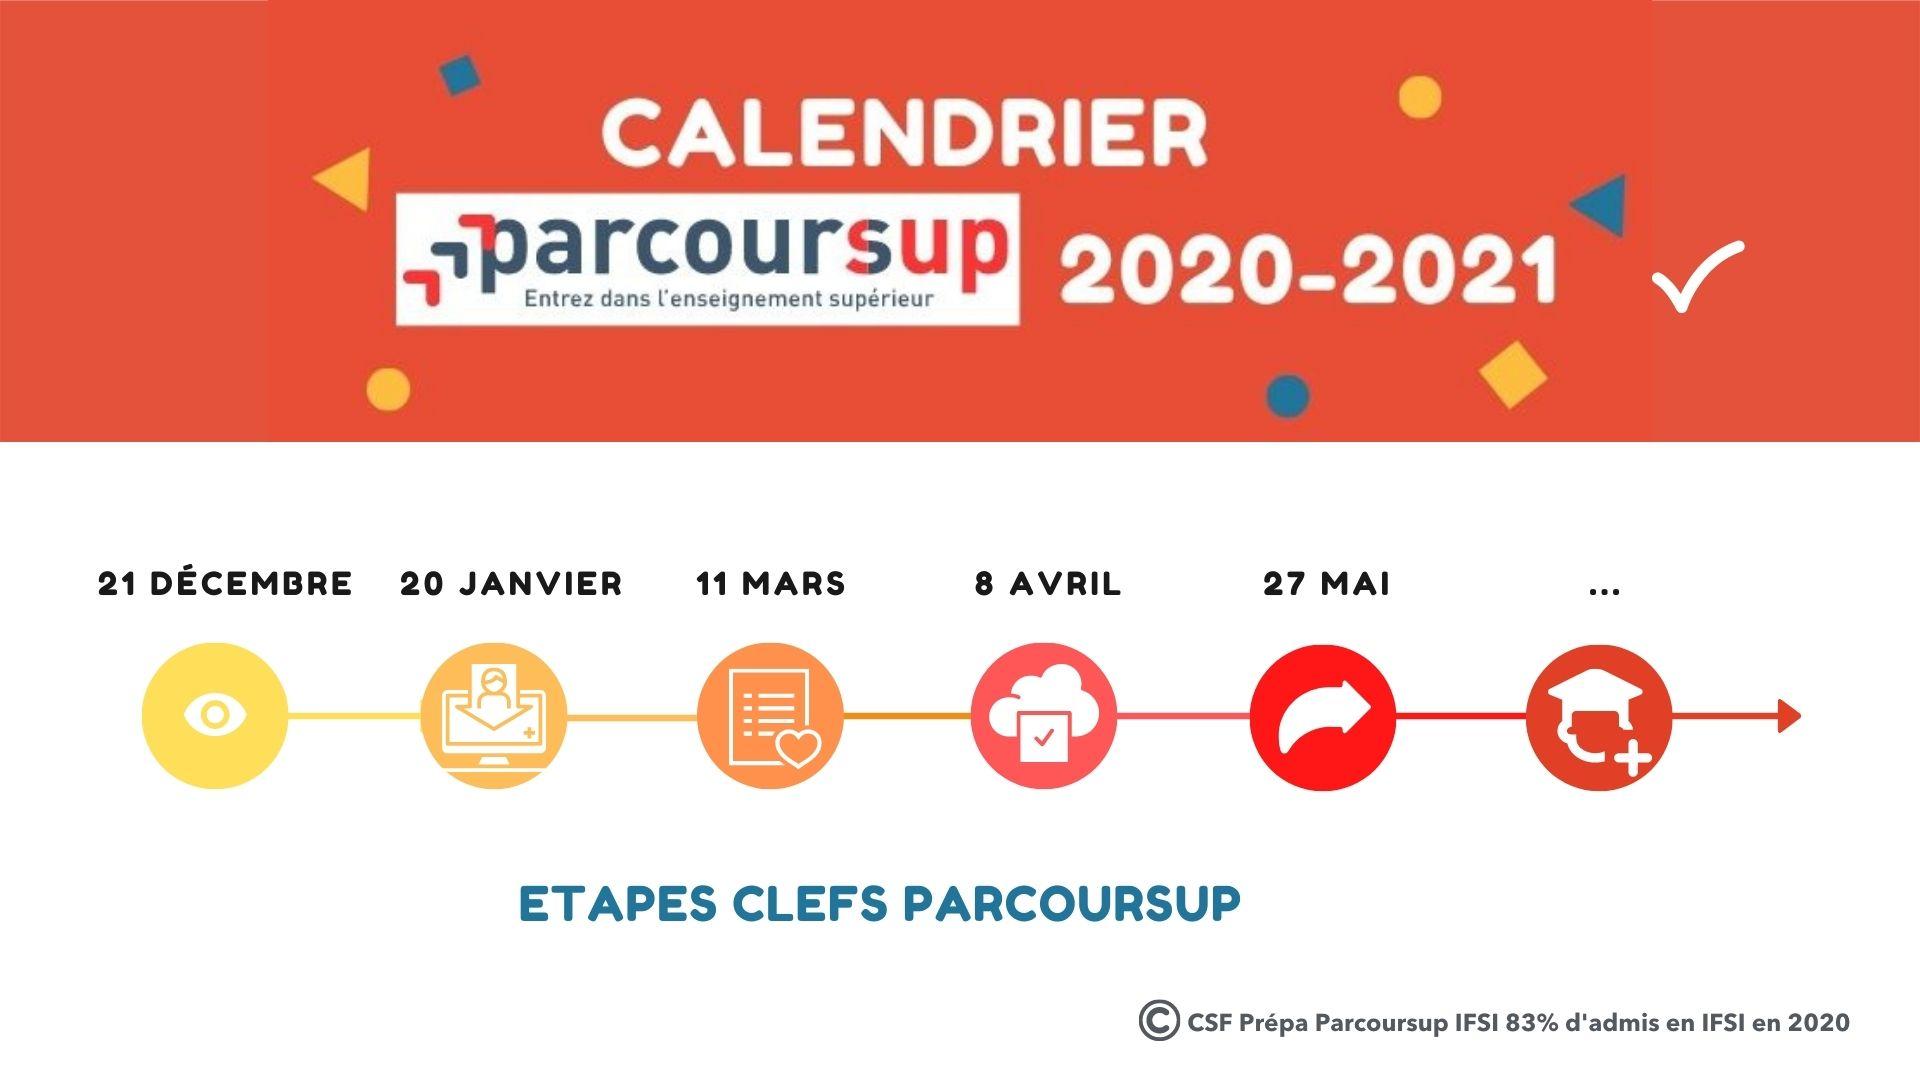 Résumé CSF Prépa parcoursup IFSI des dates clefs Parcoursup 2020 2021